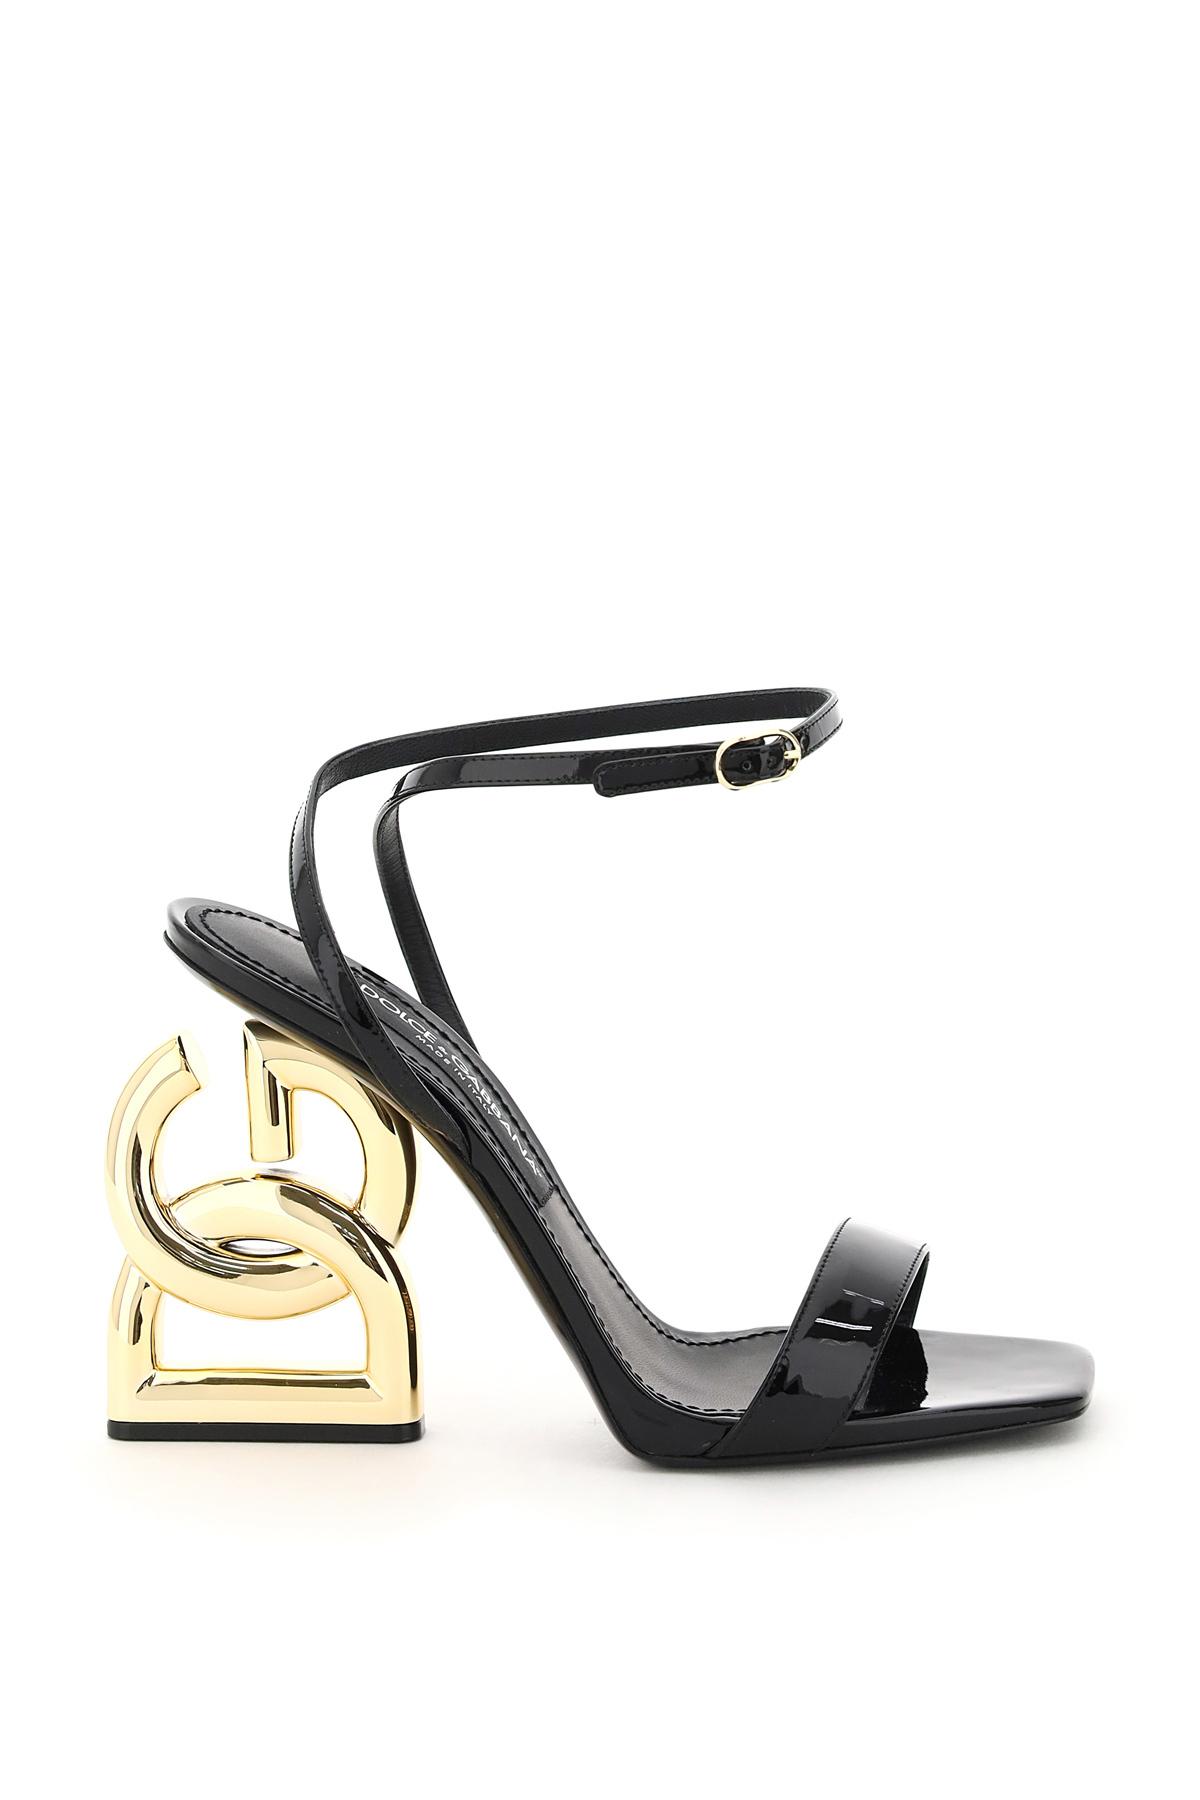 Dolce & gabbana sandalo con tacco dg pop